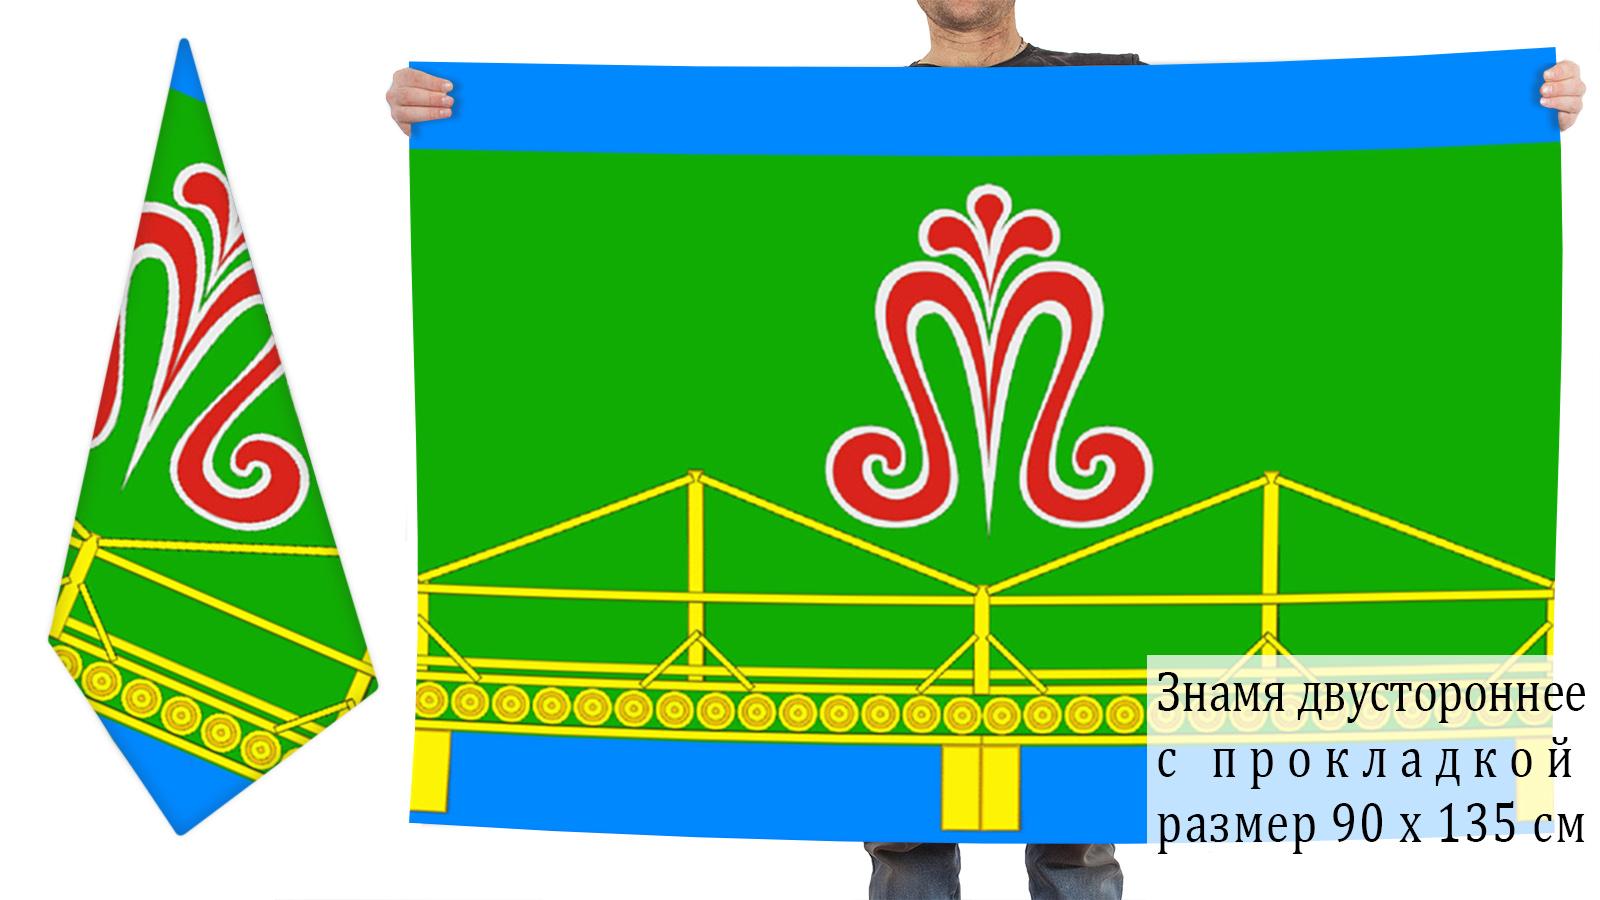 Двусторонний флаг Мостовского городского поселения